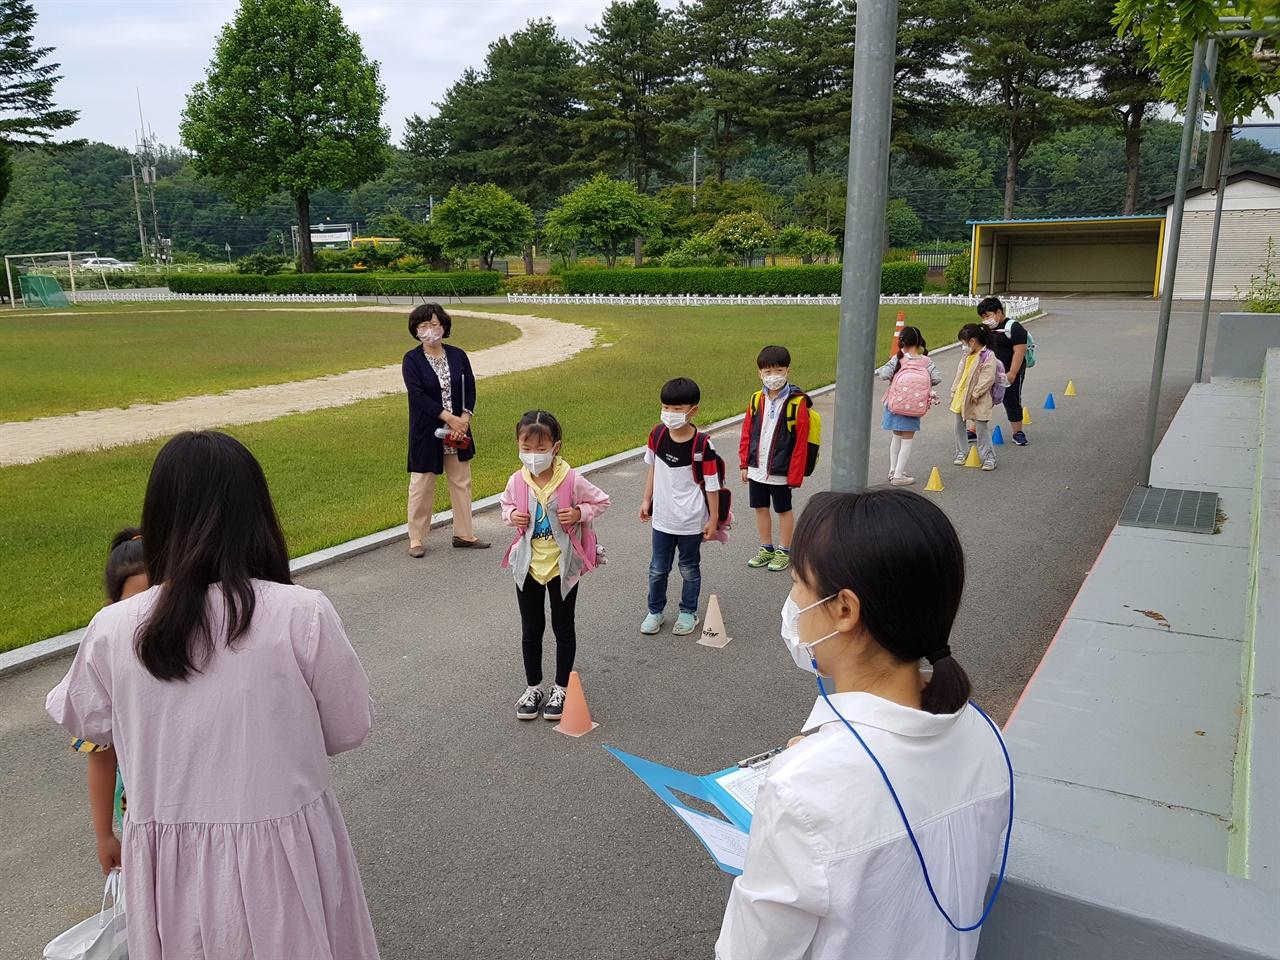 춘천 서상초등학교 등교 모습 춘천 서상초등학교 학생들이 아침에 학교 오는 모습